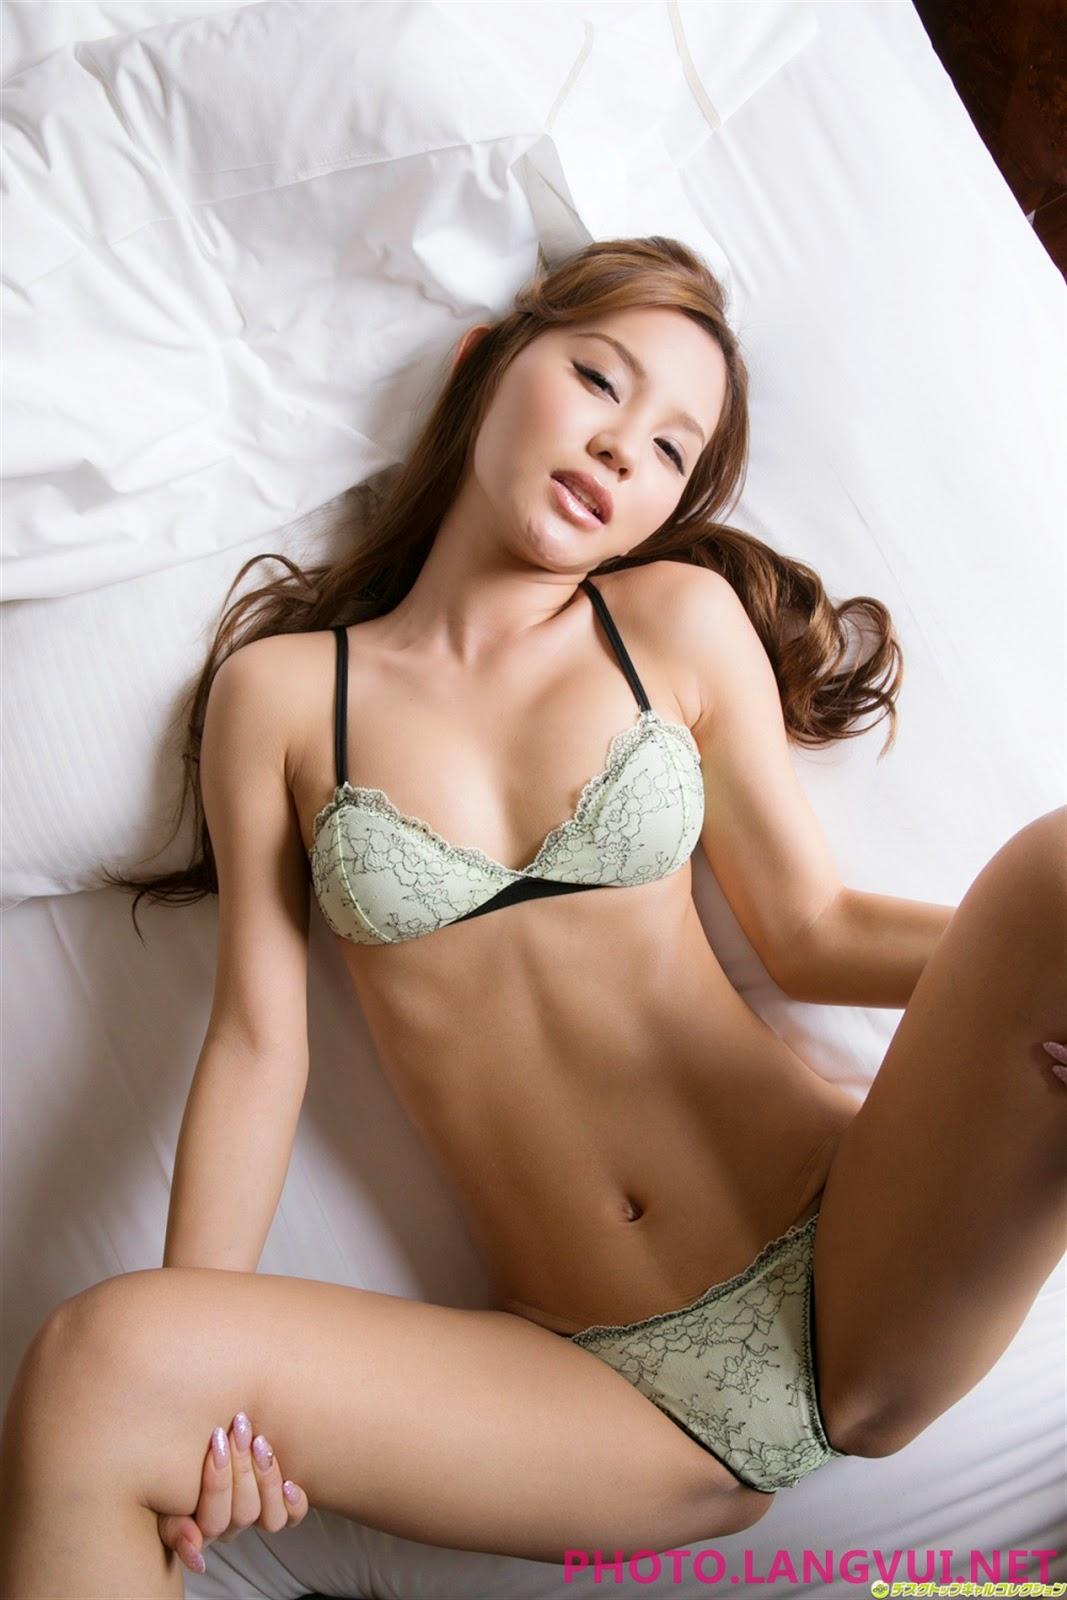 Lorraine ward porn